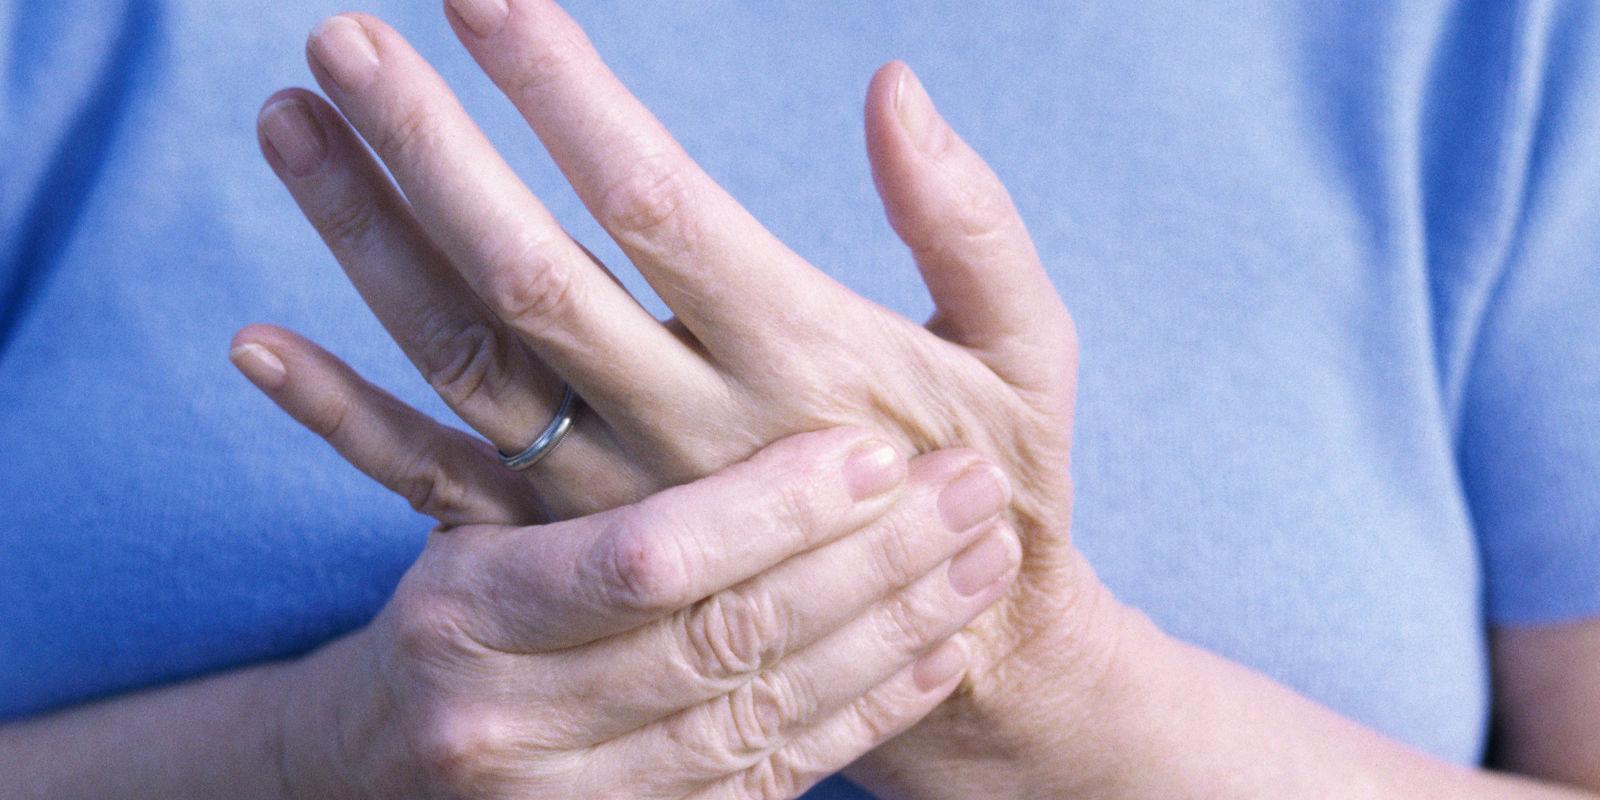 Немеет правая рука: причины и лечение, к какому врачу обратиться